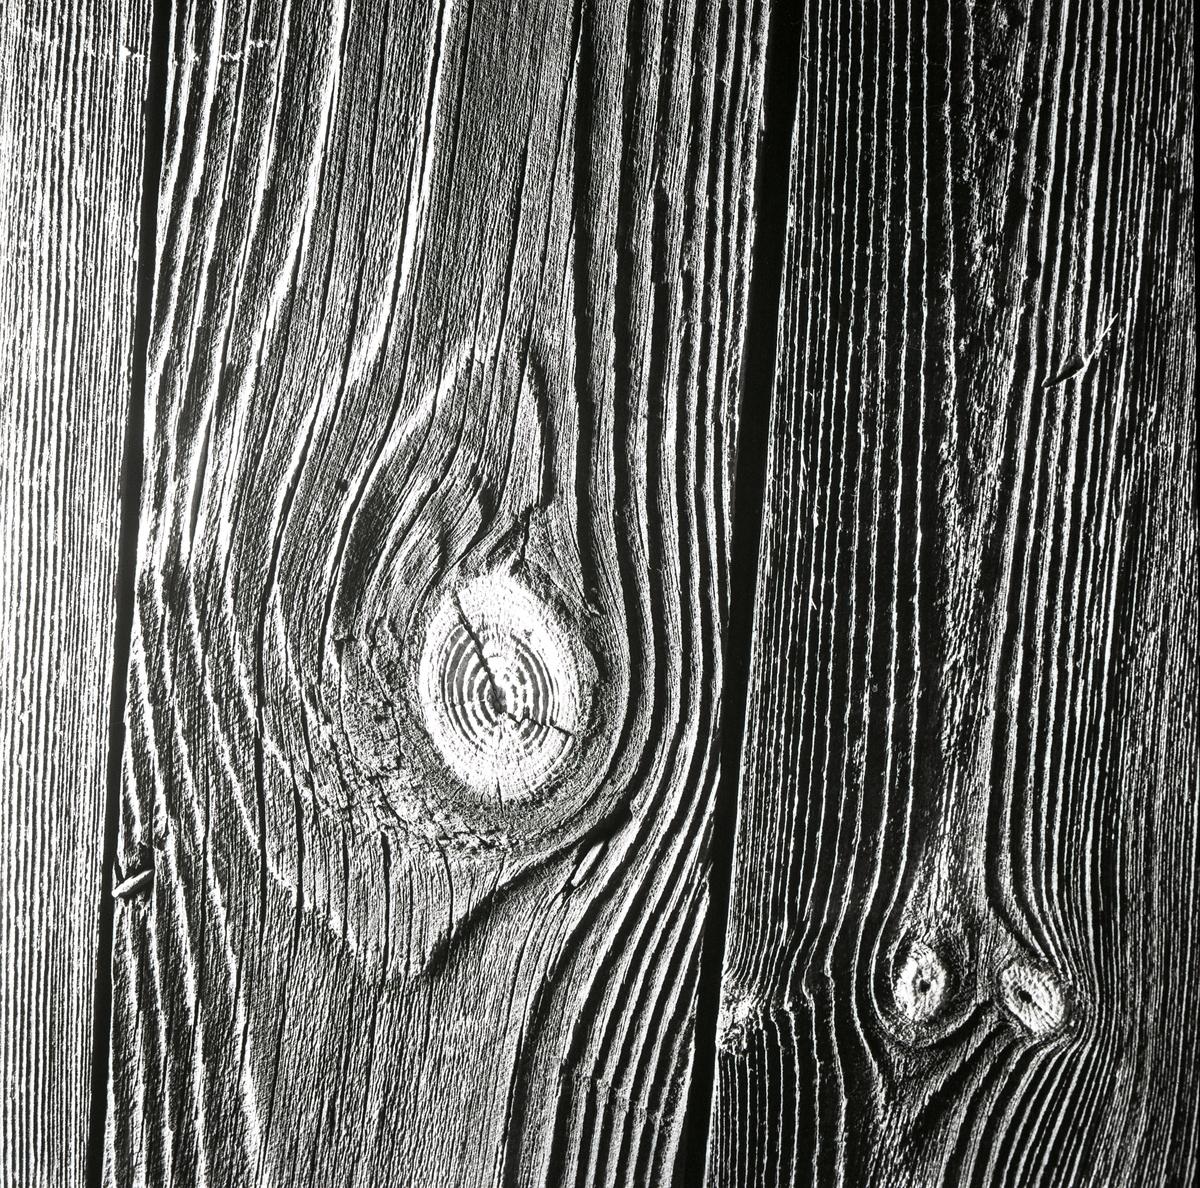 Väderådrat trä i Rättvik, 12 mars 1956.